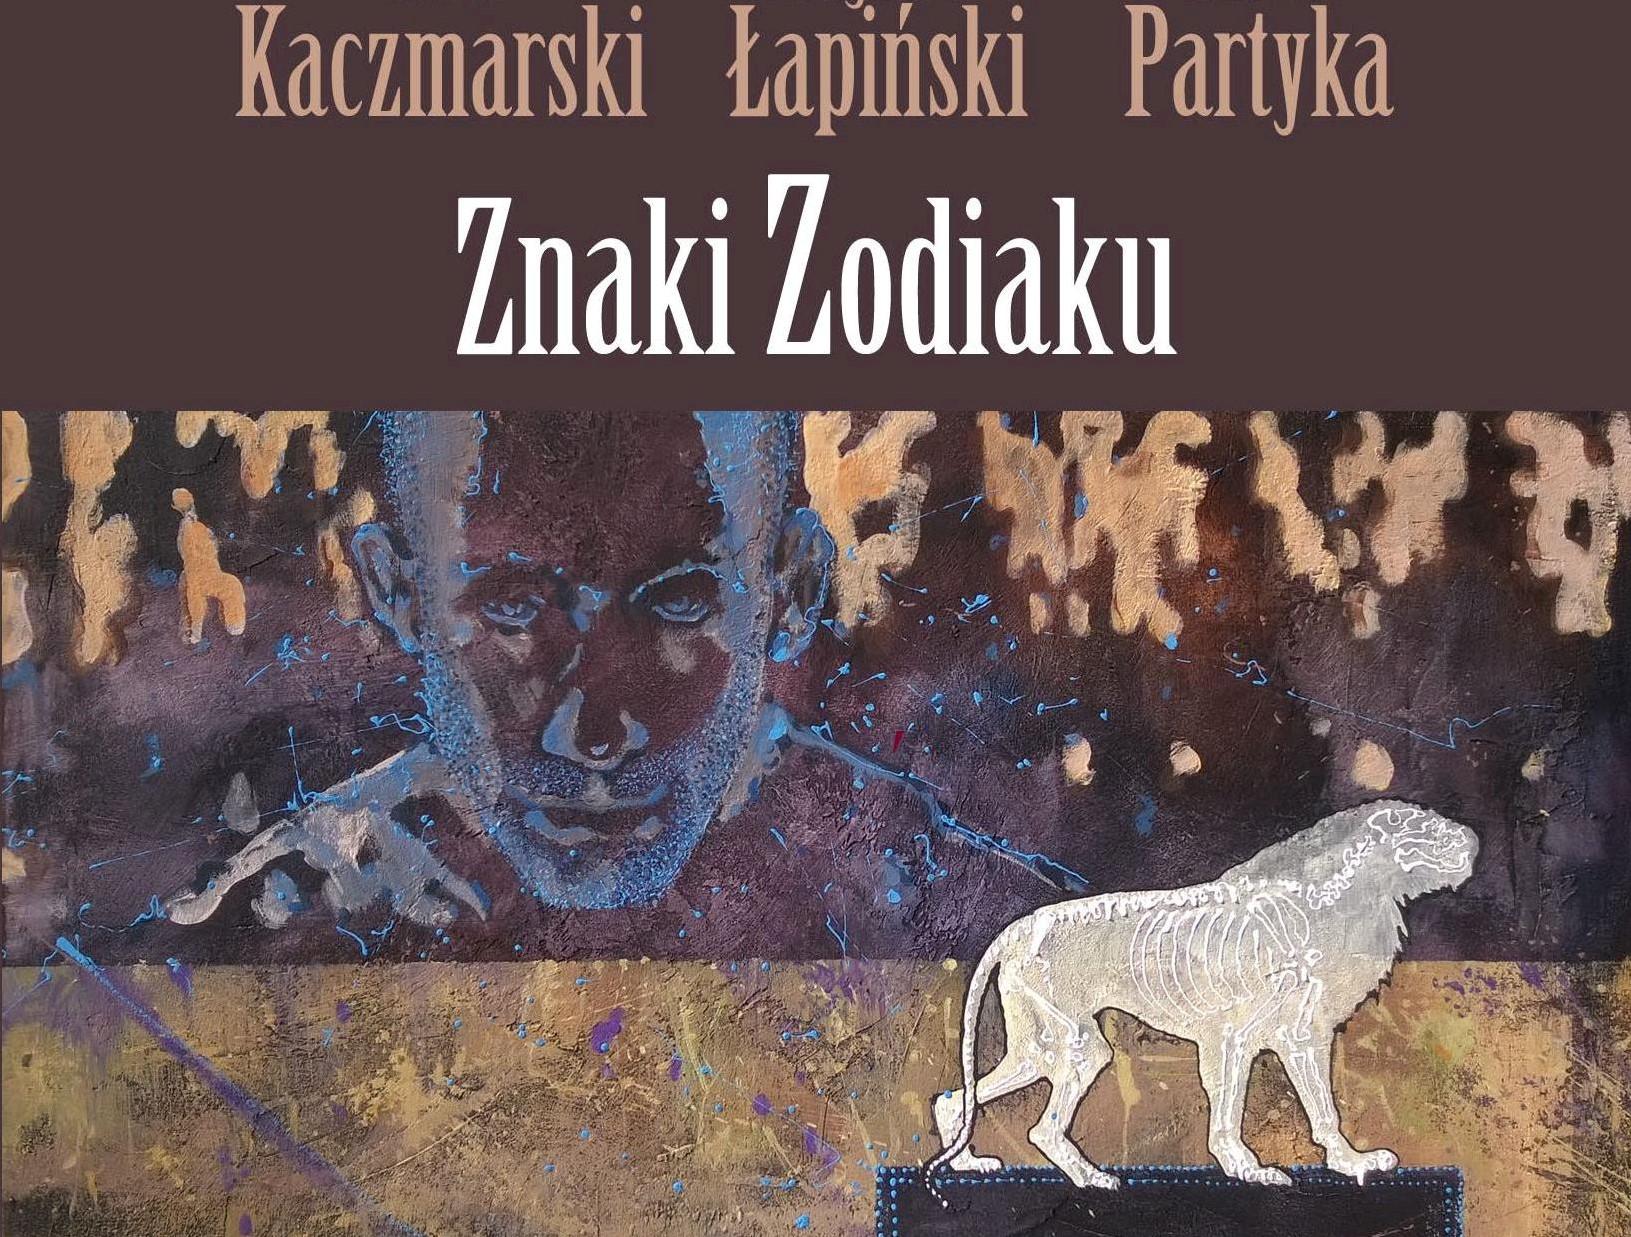 Premiera płyty Znaki Zodiaku poetyckiego duetu Kaczmarski- Łapiński